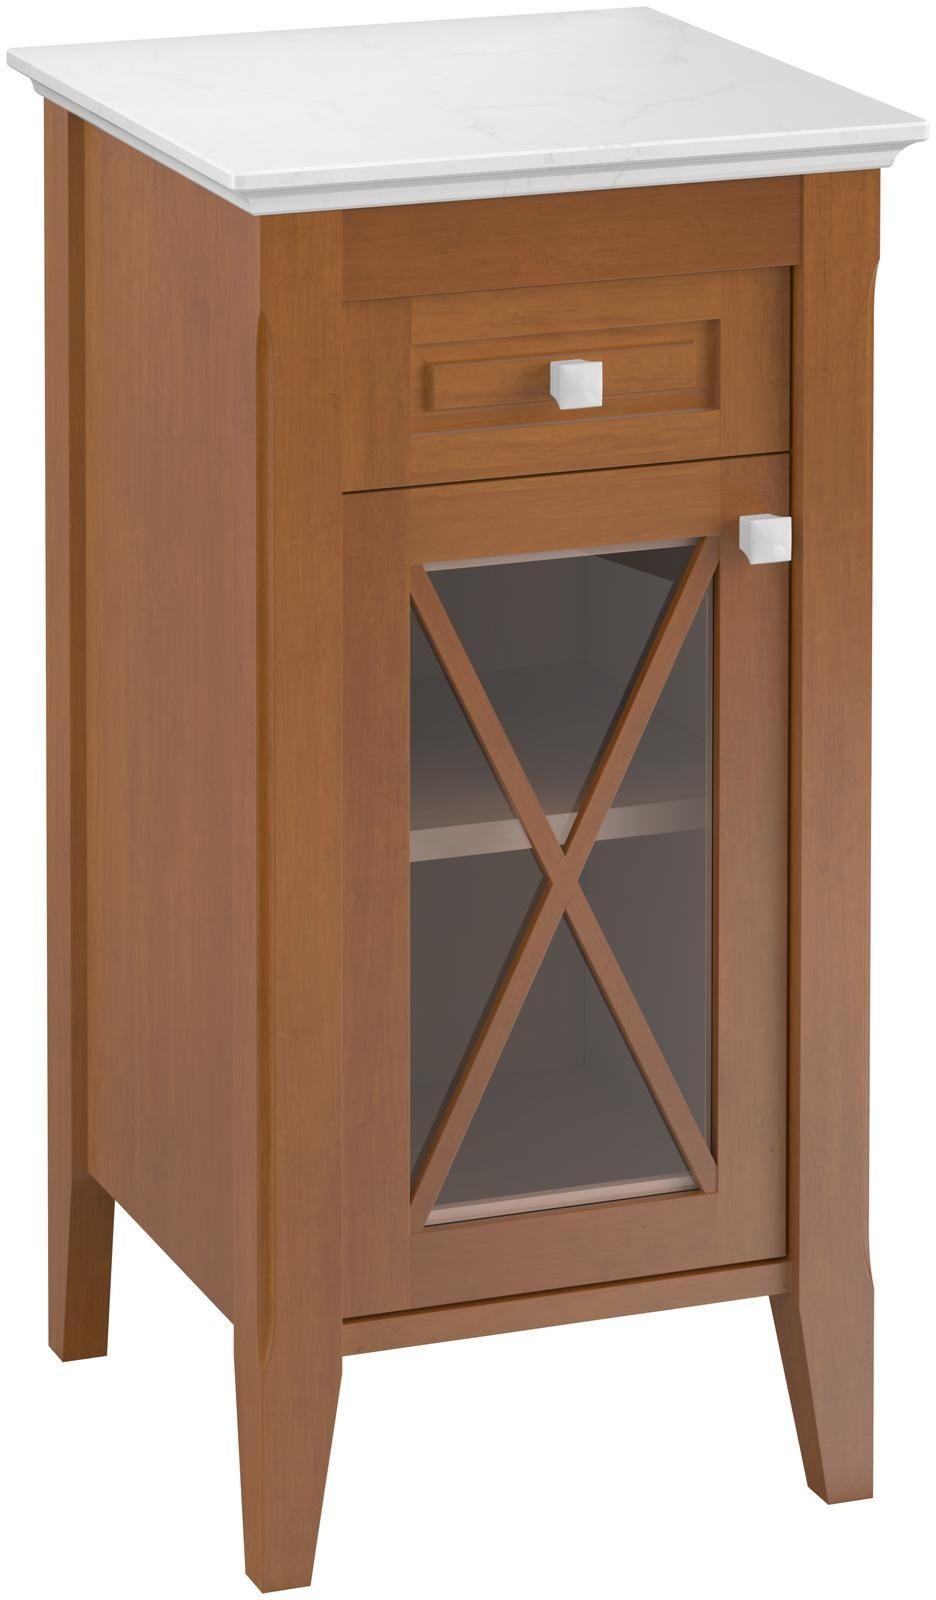 Villeroy & Boch Hommage Seitenschrank 89641001 H: 850 B: 440 T: 425 nussbaum dekor/weiß 1 Schublade 1 Tür 1 Fachboden Keramikgriffe in Sanitärfarbe